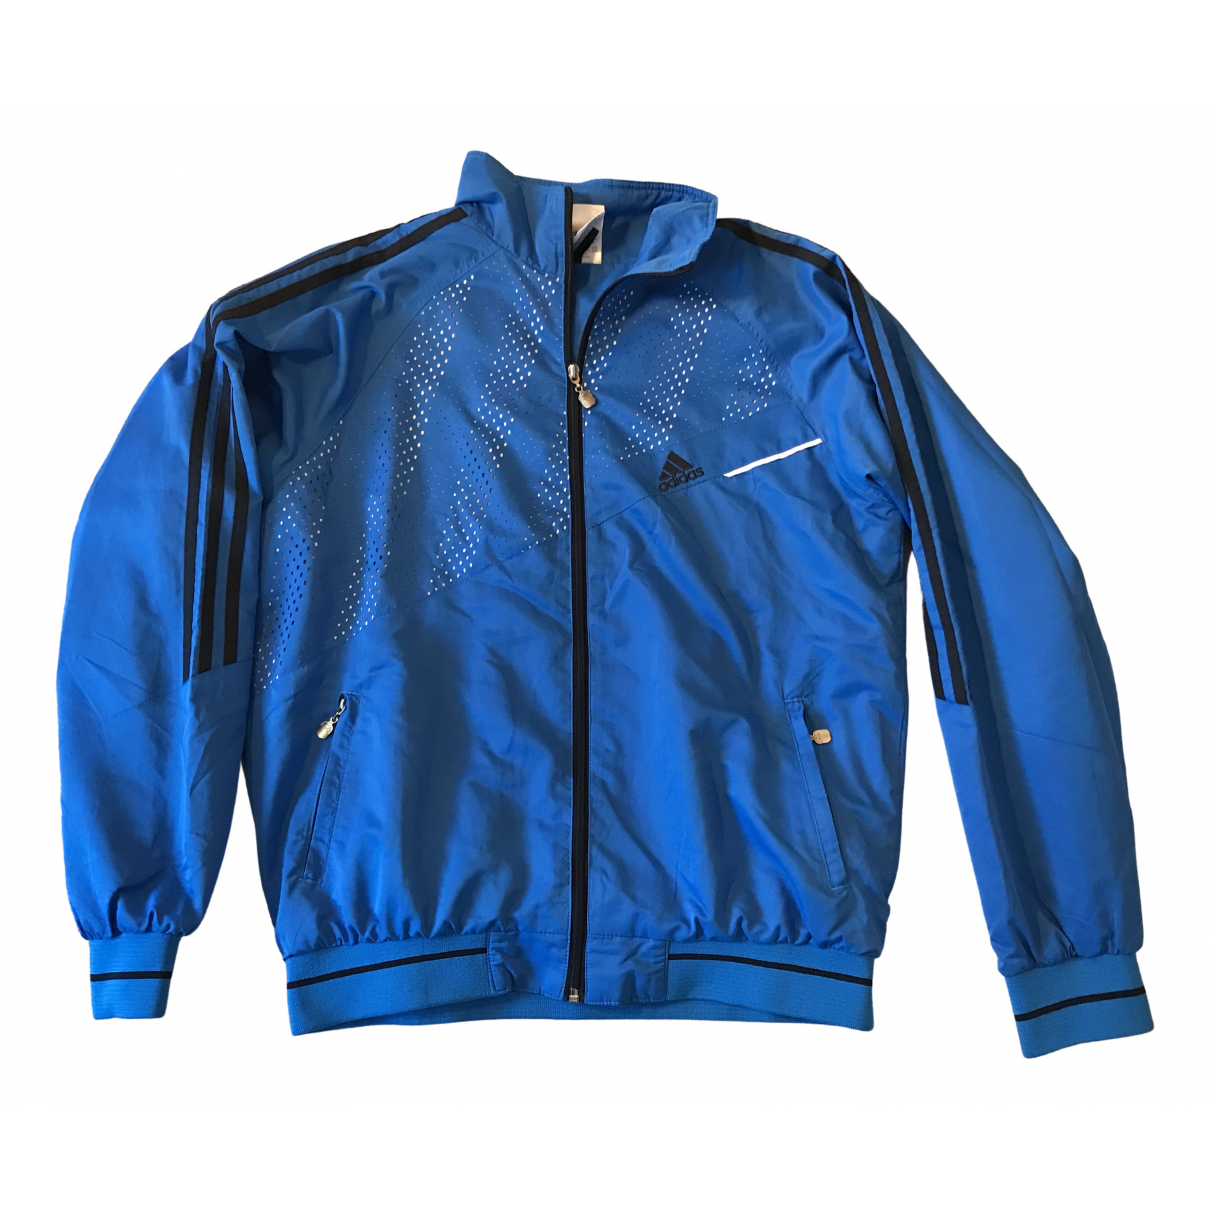 Adidas \N Blue Knitwear & Sweatshirts for Men L International